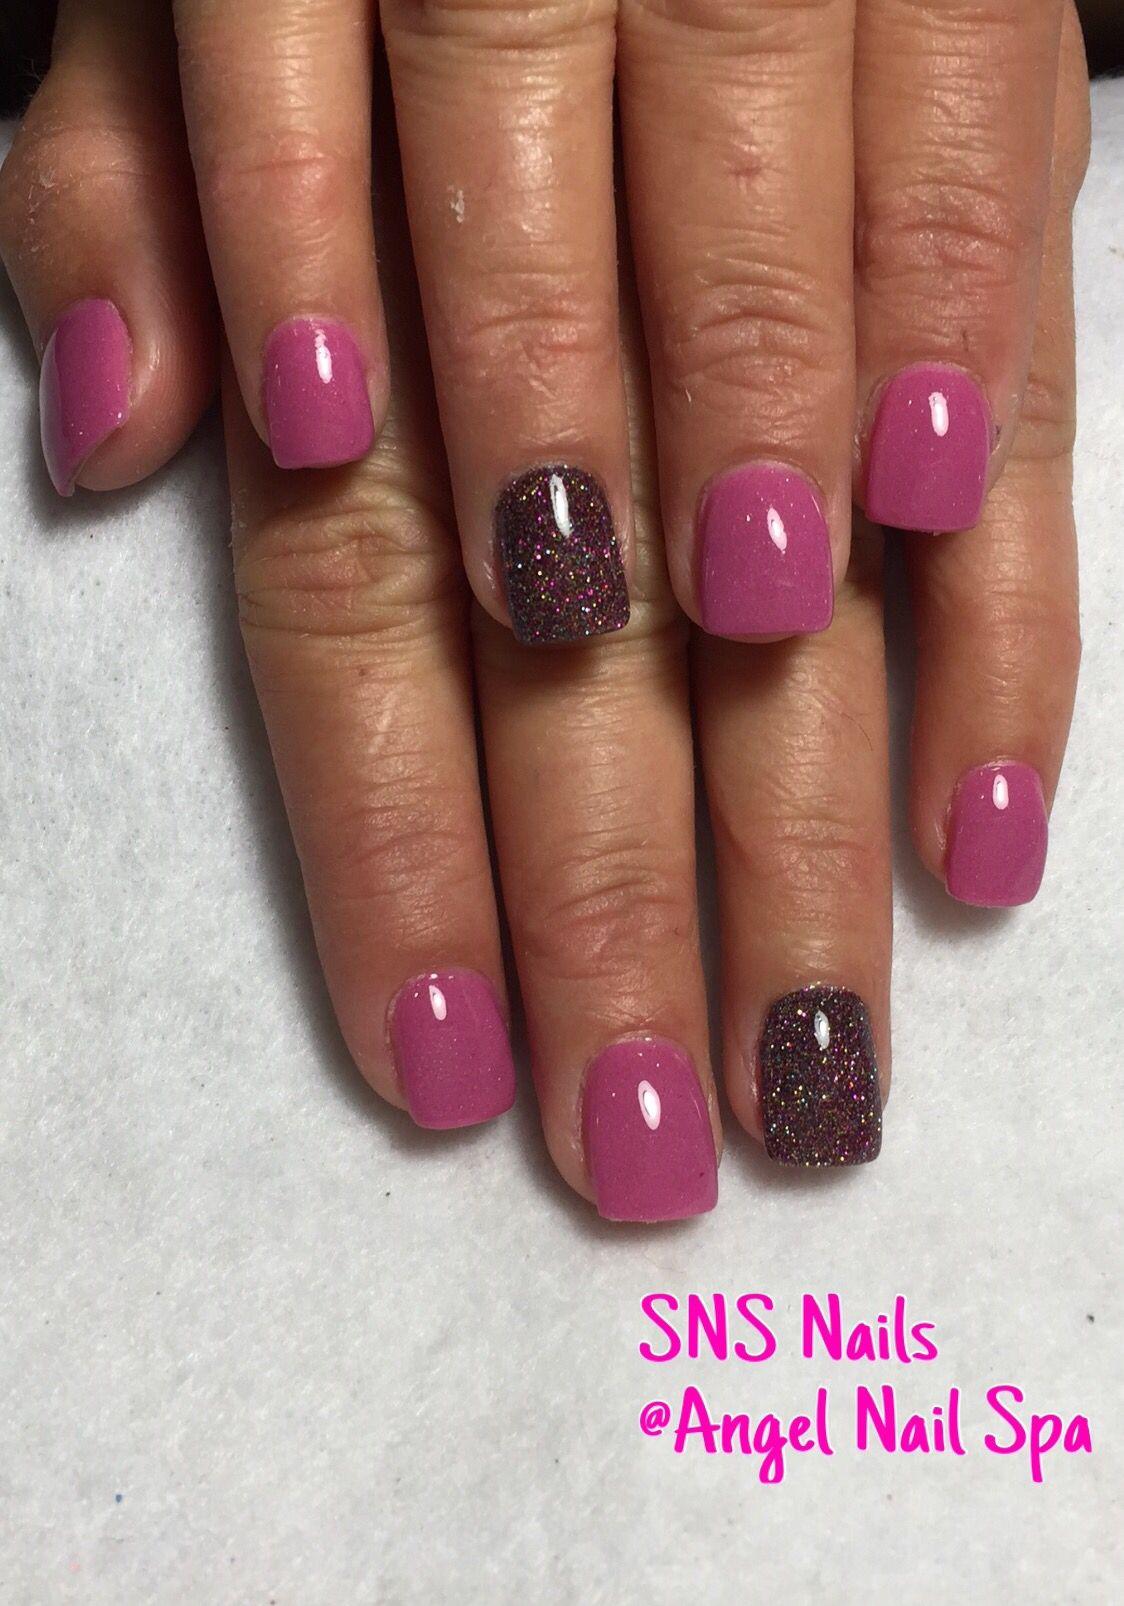 SNS nails (dipping powders ) ! . SNS (Signature Nail System ...